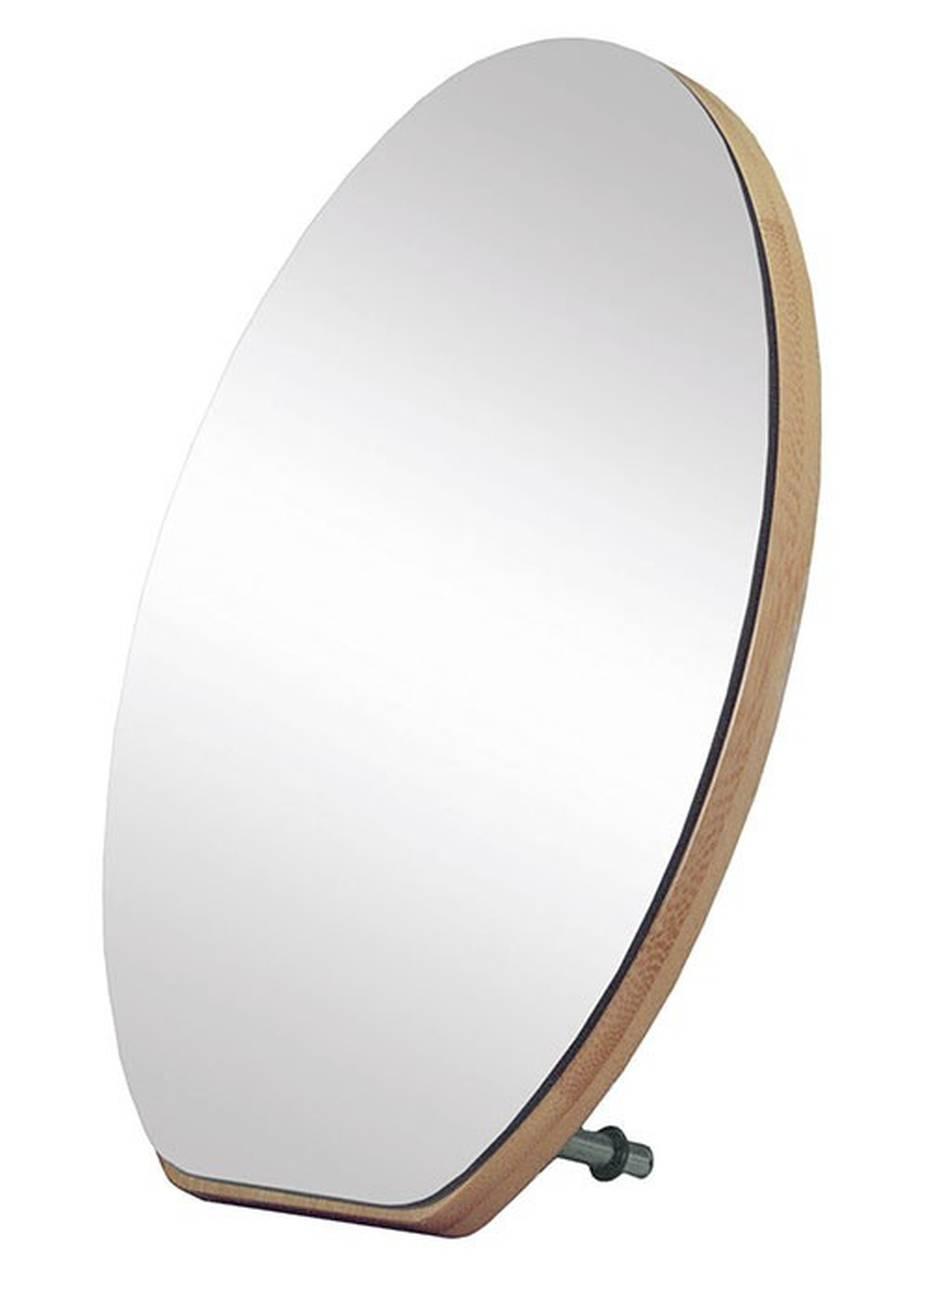 Kosmetikspiegel Clever Mirror Bambus/Glas Natur Spiegel